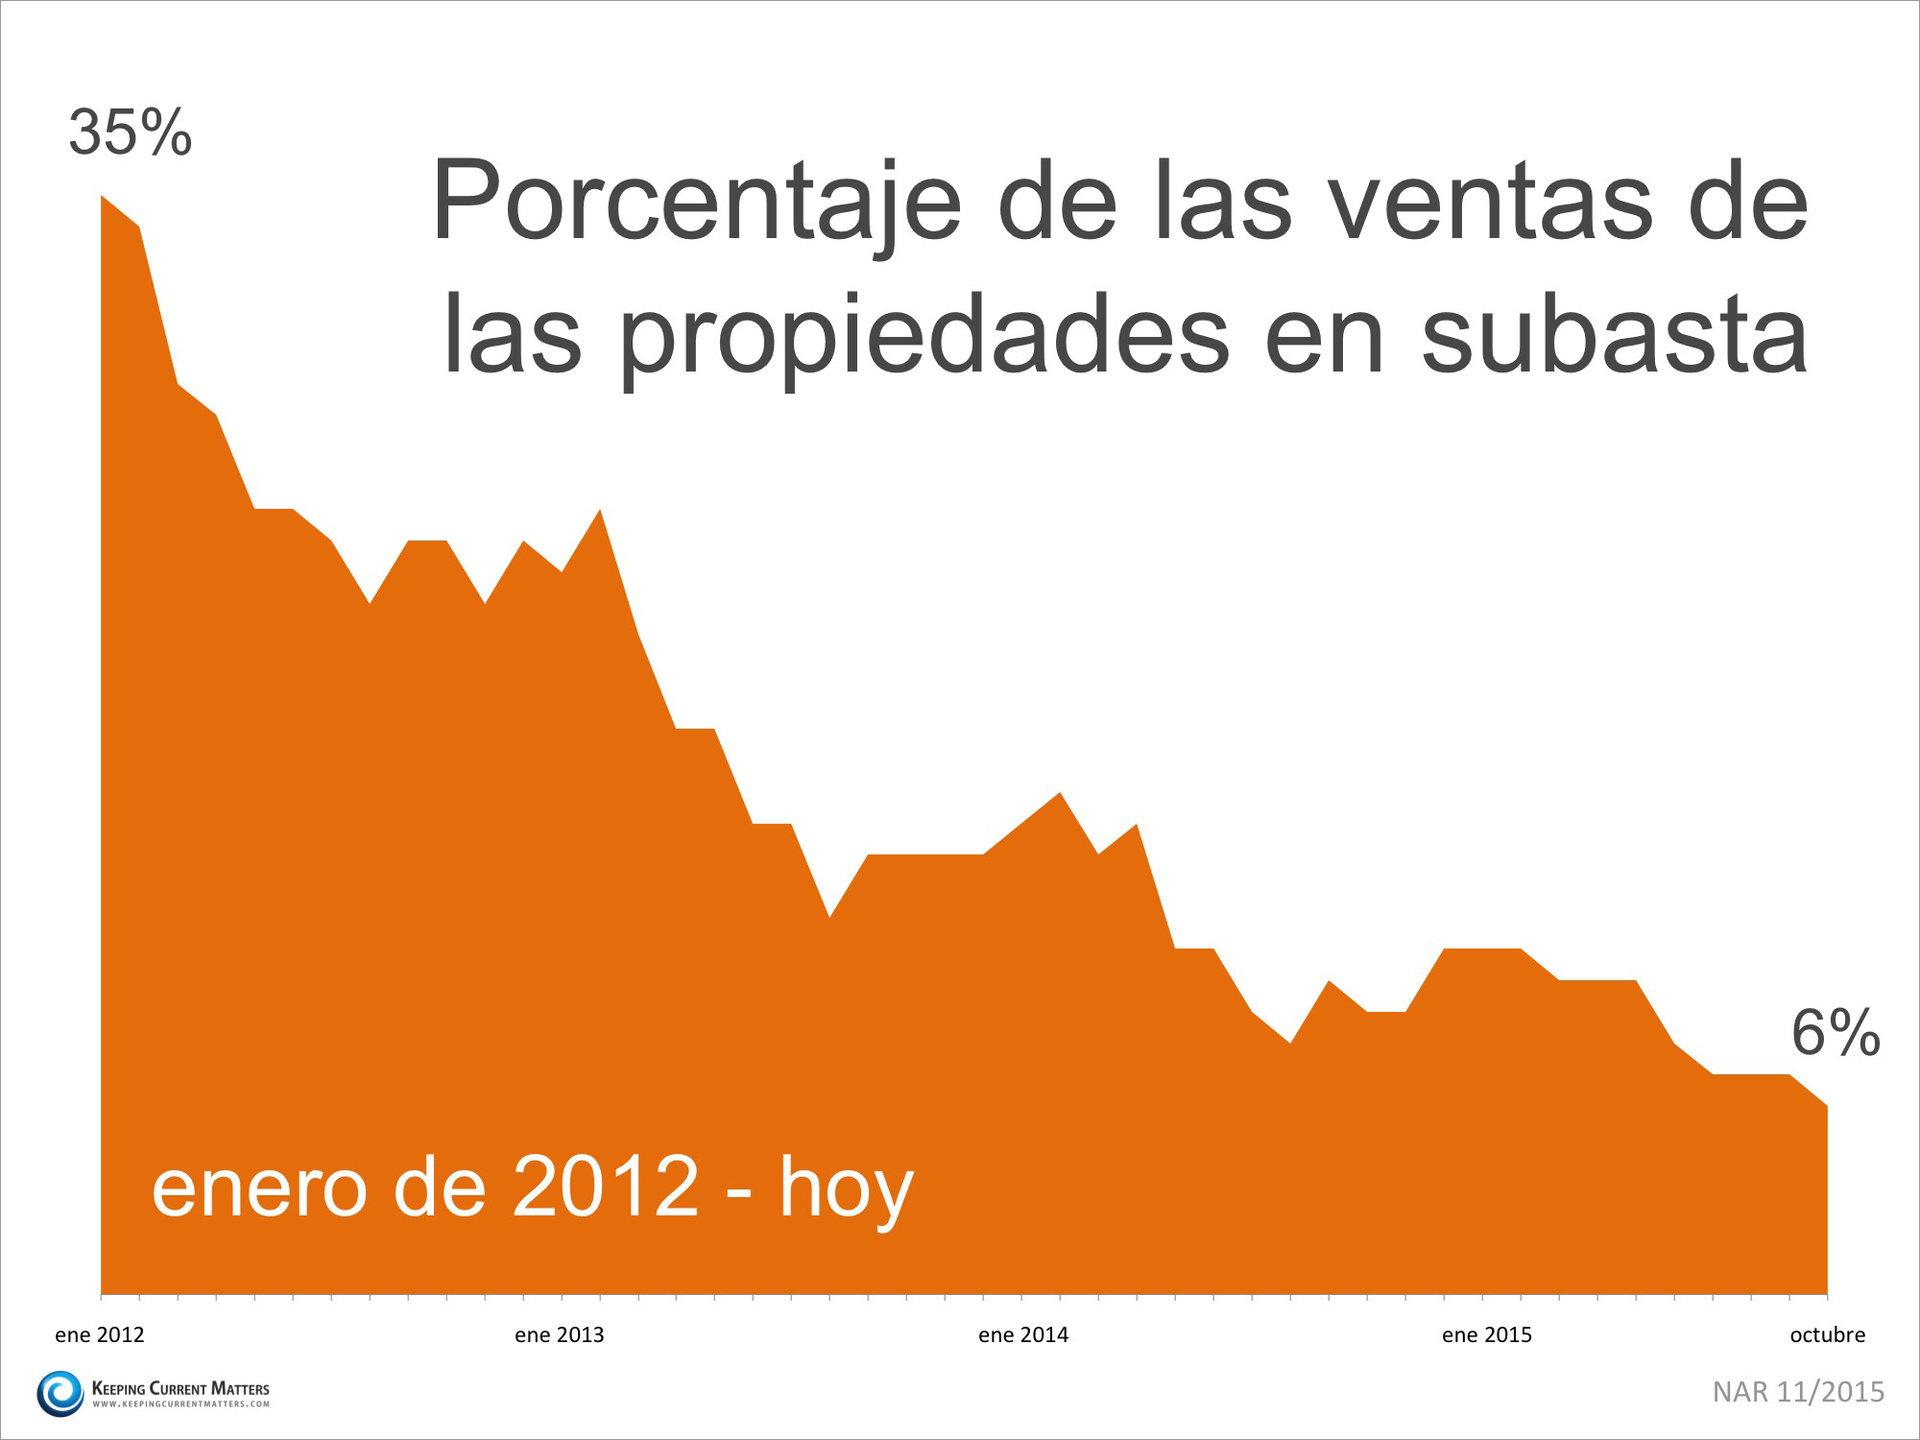 Porcentaje de las propiedades en subasta  | Keeping Current Matters